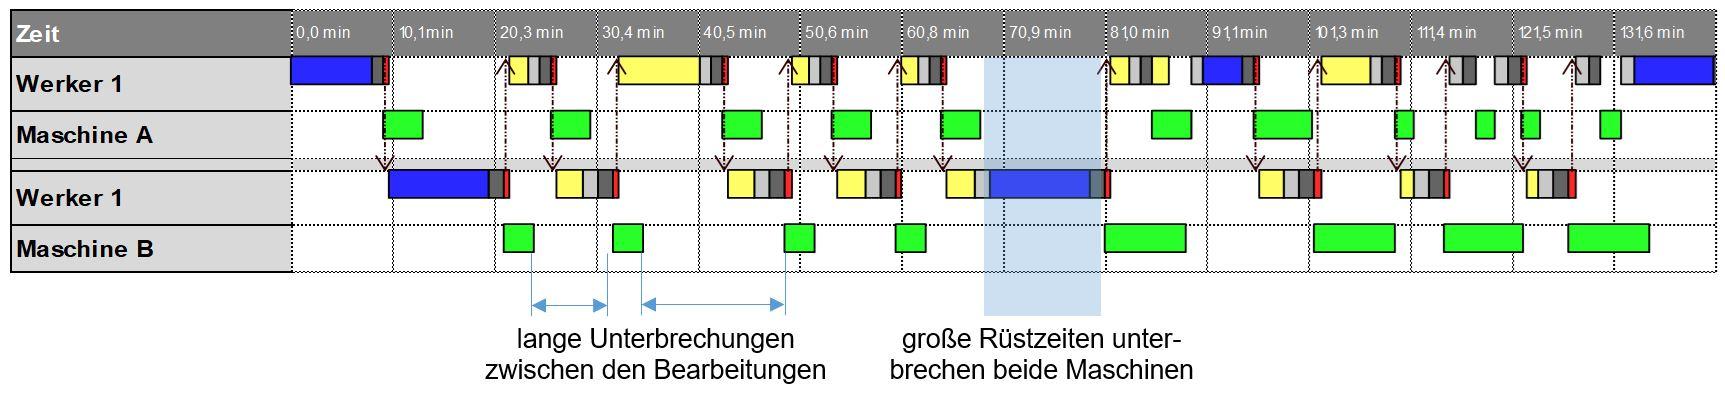 Zeitdiagramm